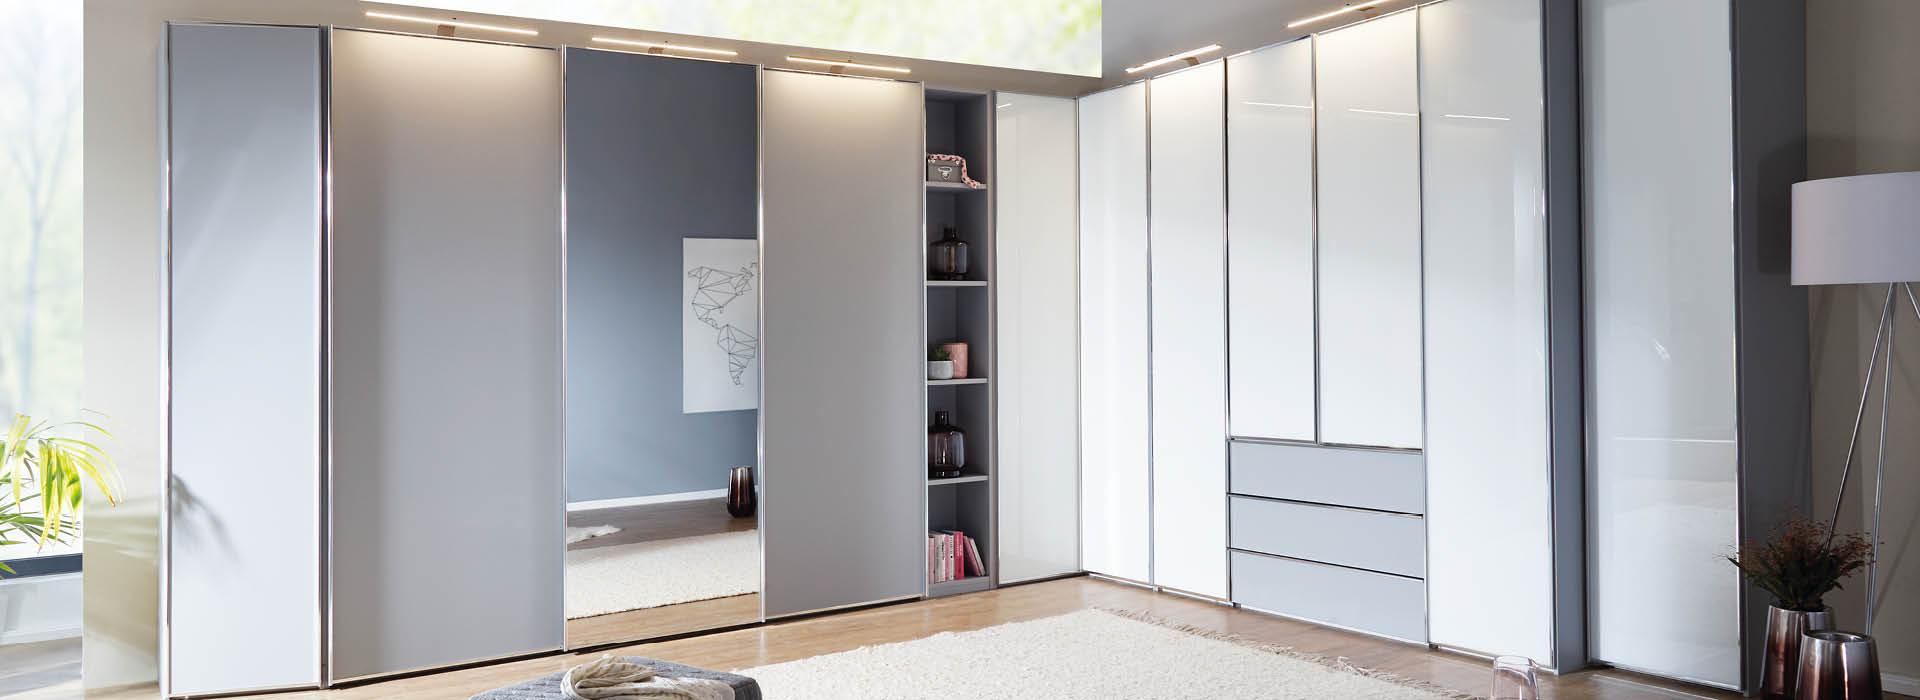 Full Size of Kleiderschrnke Ordnung Design Frs Schlafzimmer Mbel Fr Wohnzimmer Schlafzimmerschränke